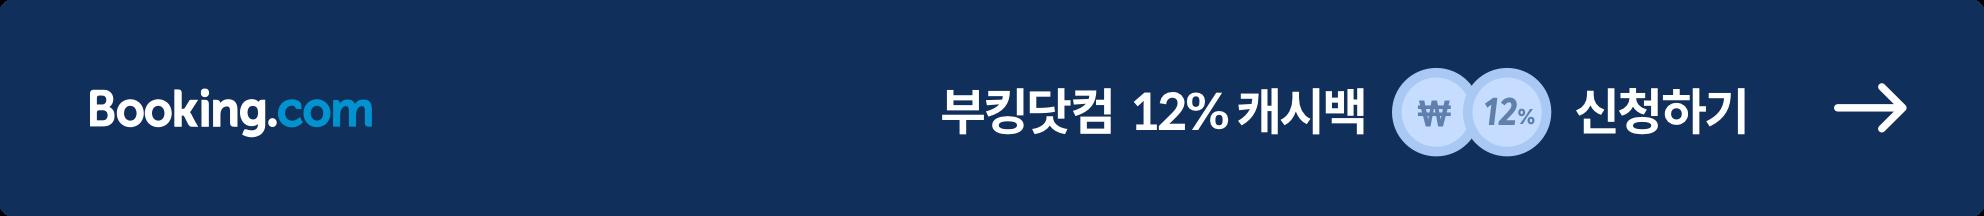 부킹닷컴 캐시백 신청